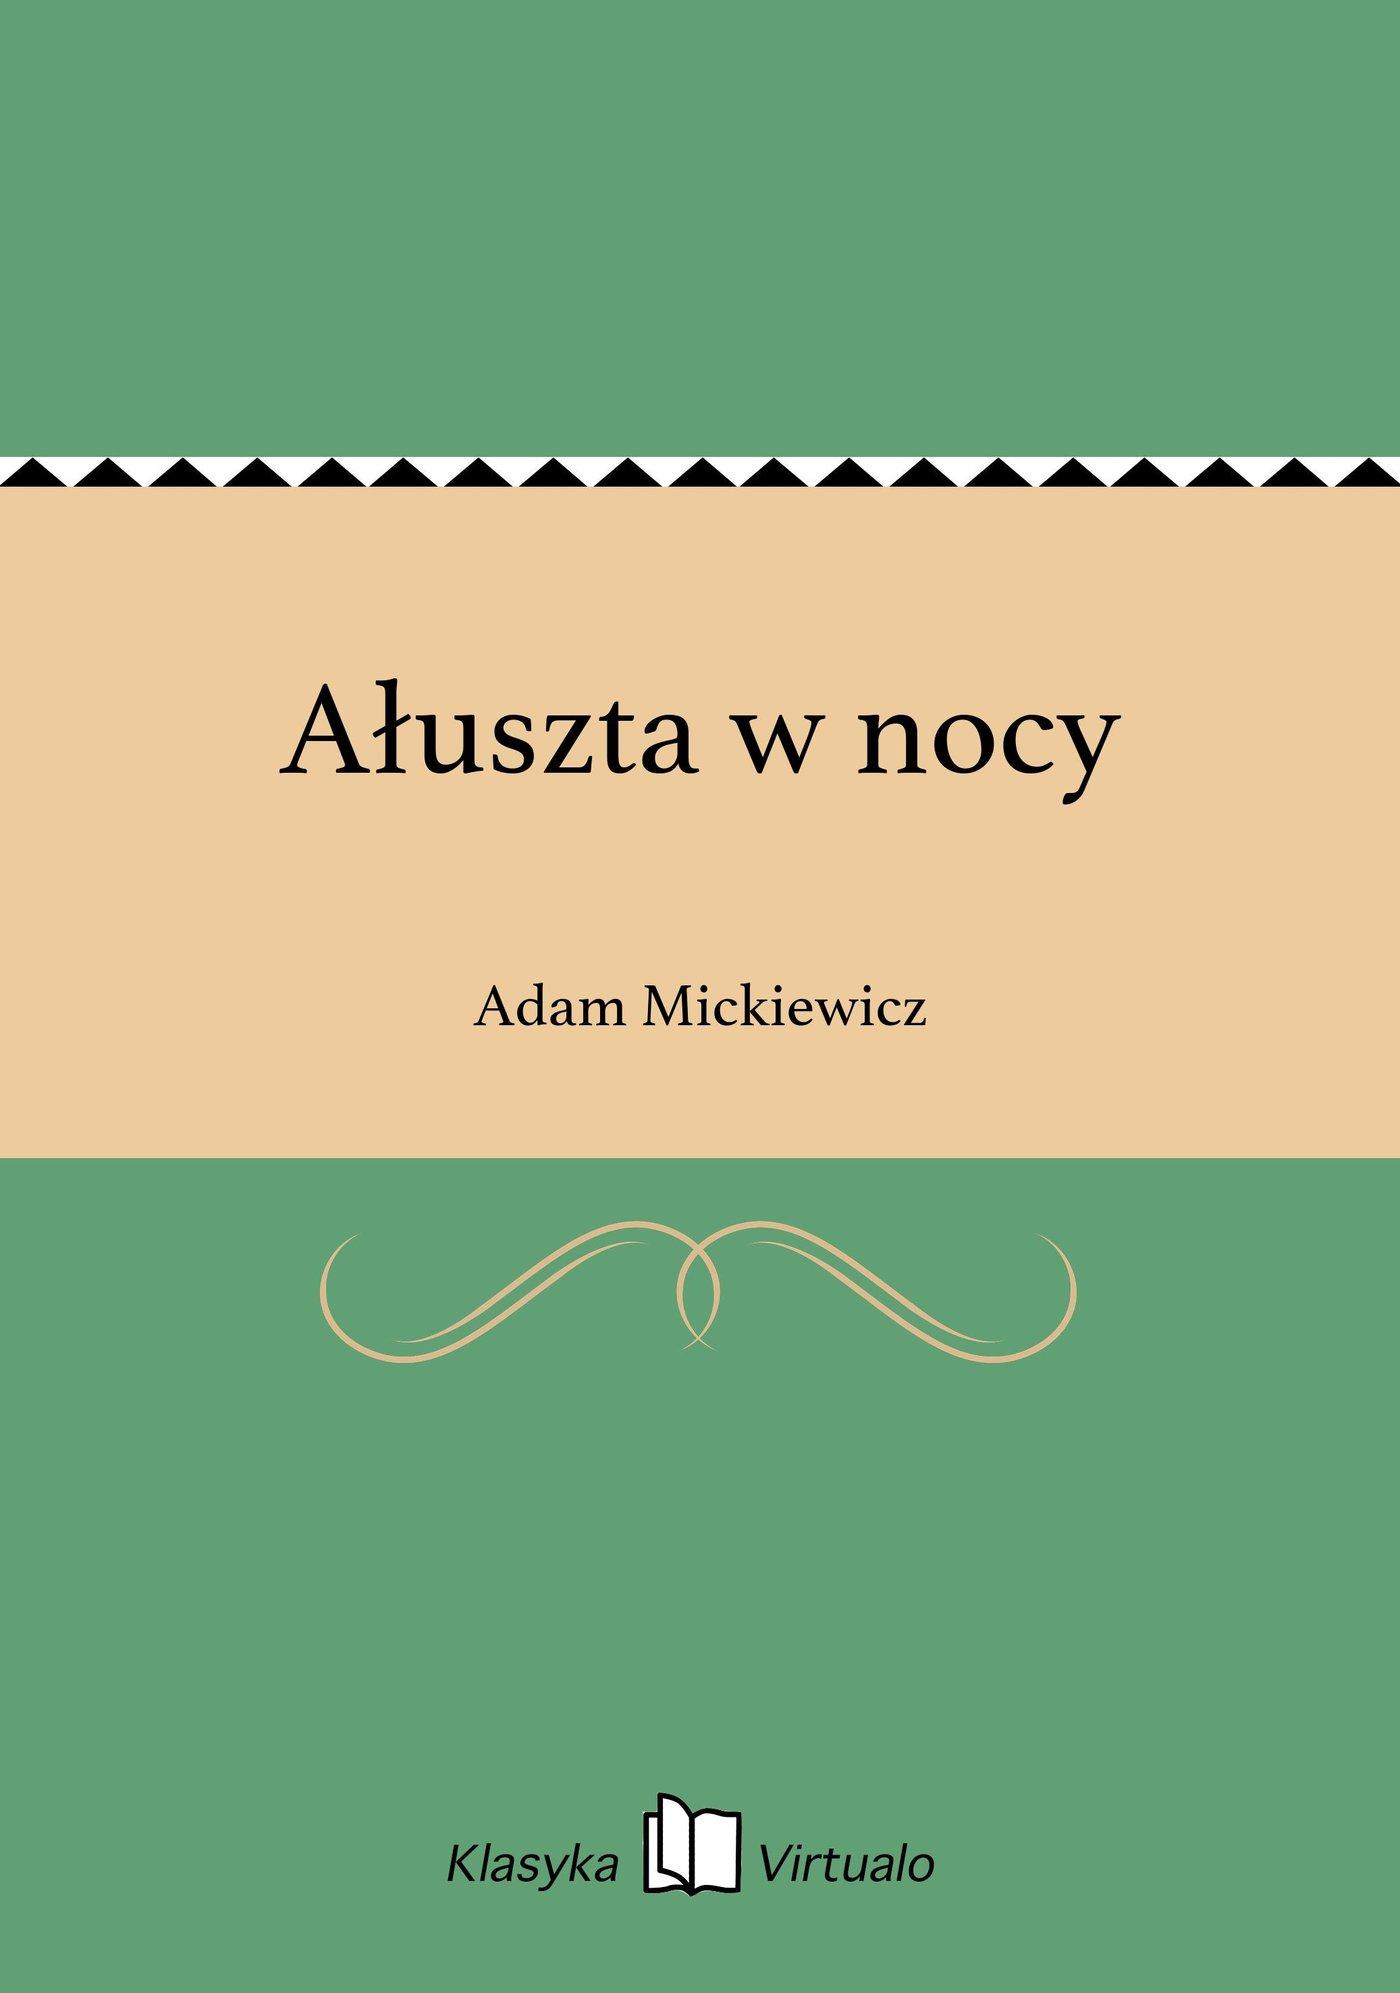 Ałuszta w nocy - Ebook (Książka na Kindle) do pobrania w formacie MOBI